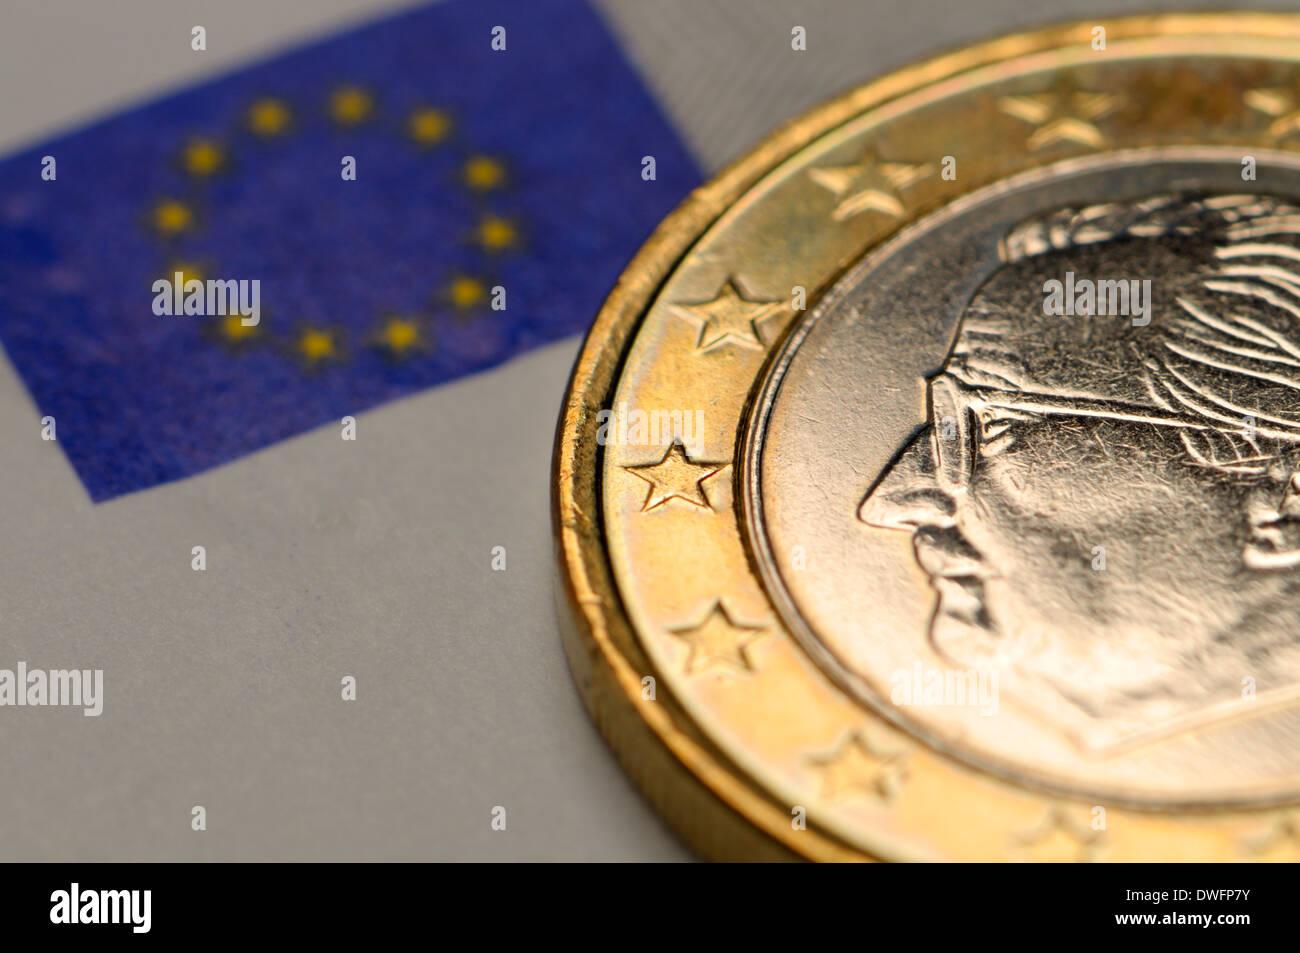 Belgien 1 Euro Münze Auf 5 Euro Hinweis Stockfoto Bild